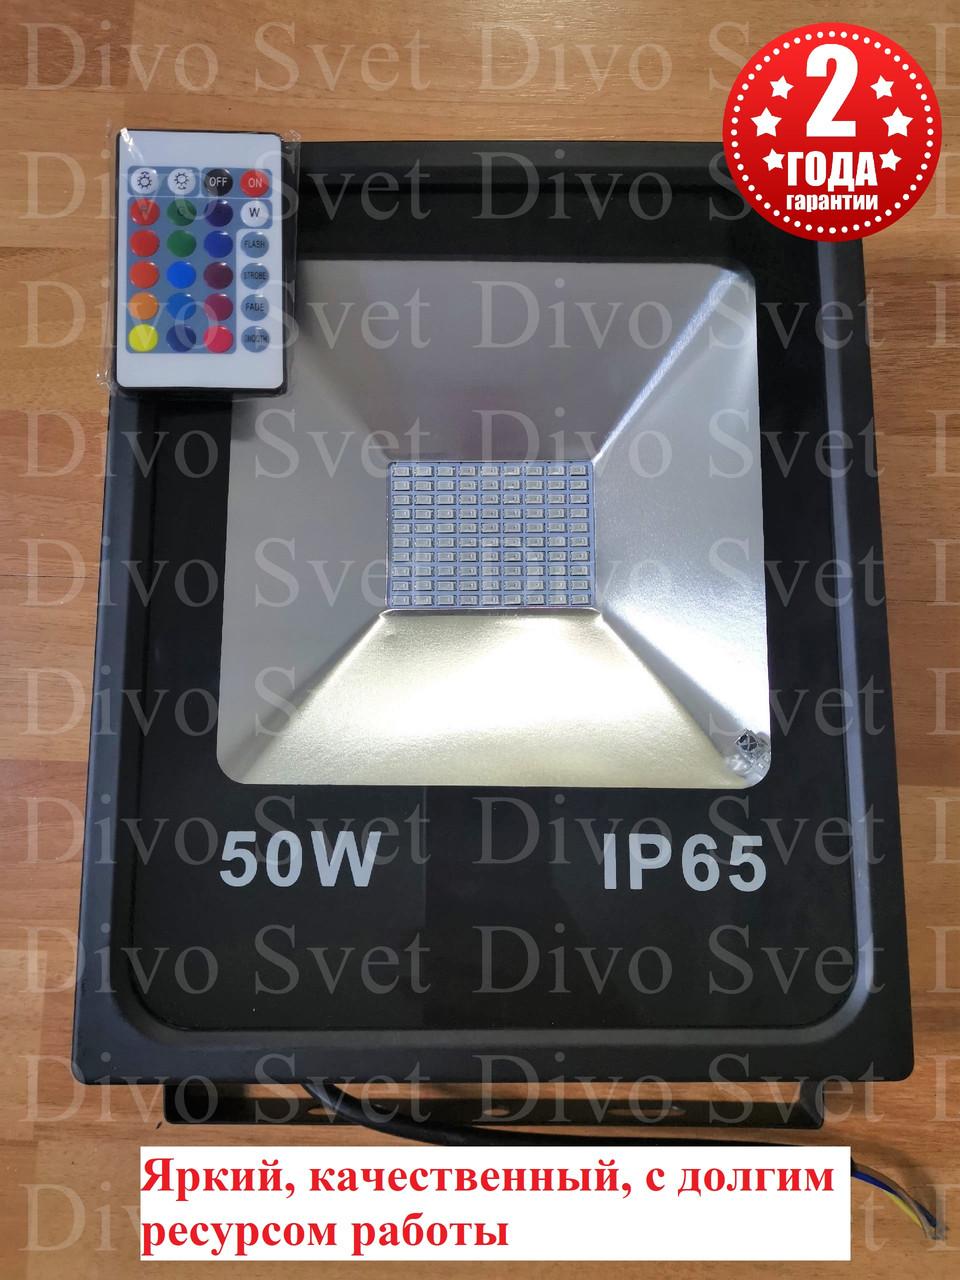 LED прожектор RGB 50W Оригинал. Цветные светодиодные прожекторы для подсветки РГБ 50 Вт, с пультом управления.